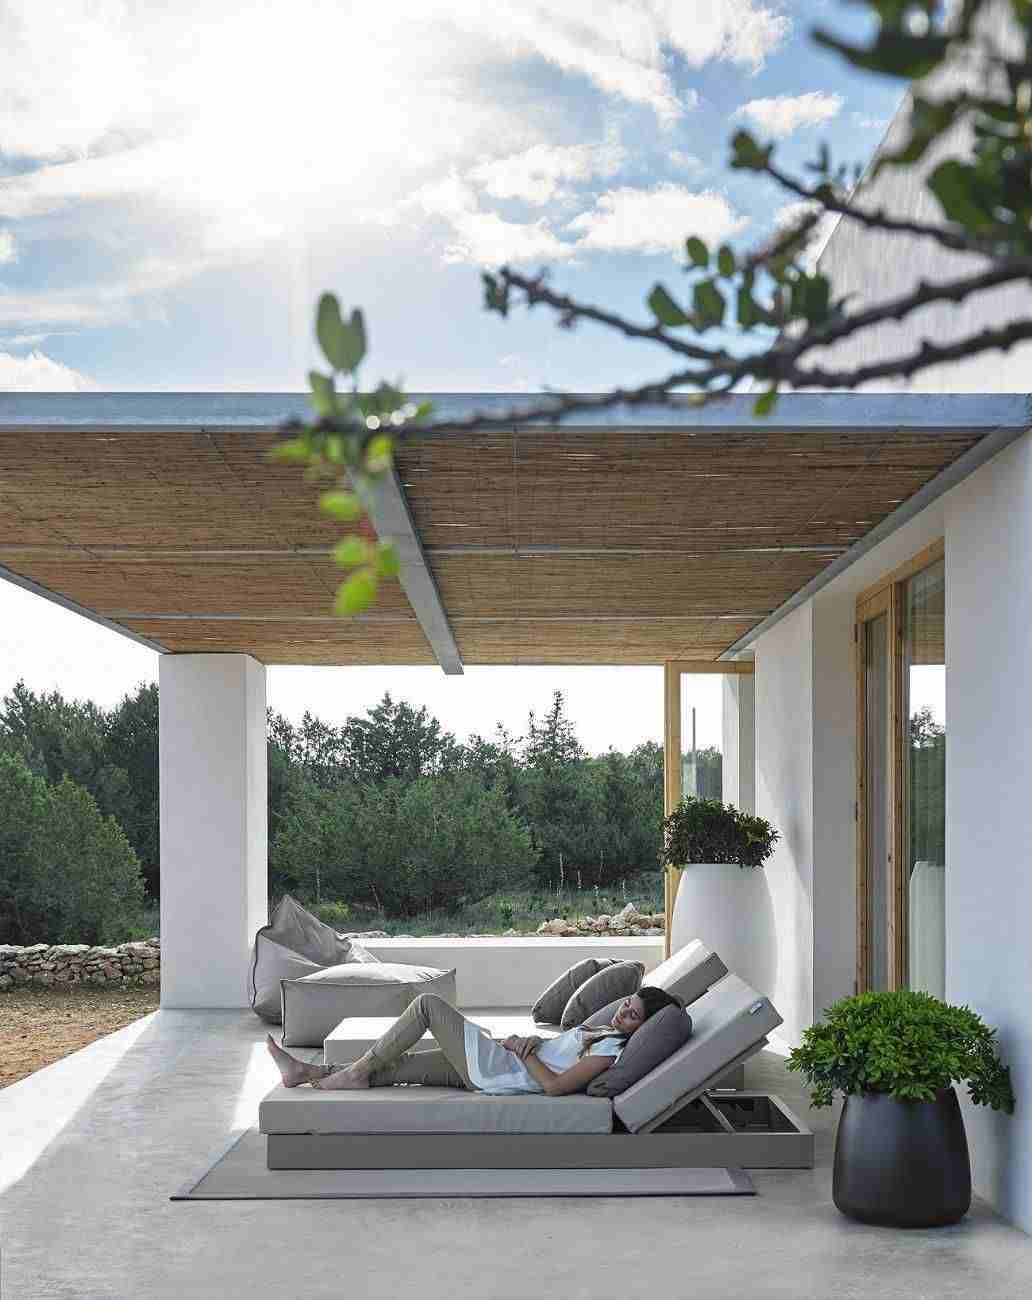 Cama de diseño Chill para un descanso a la Mediterránea 9